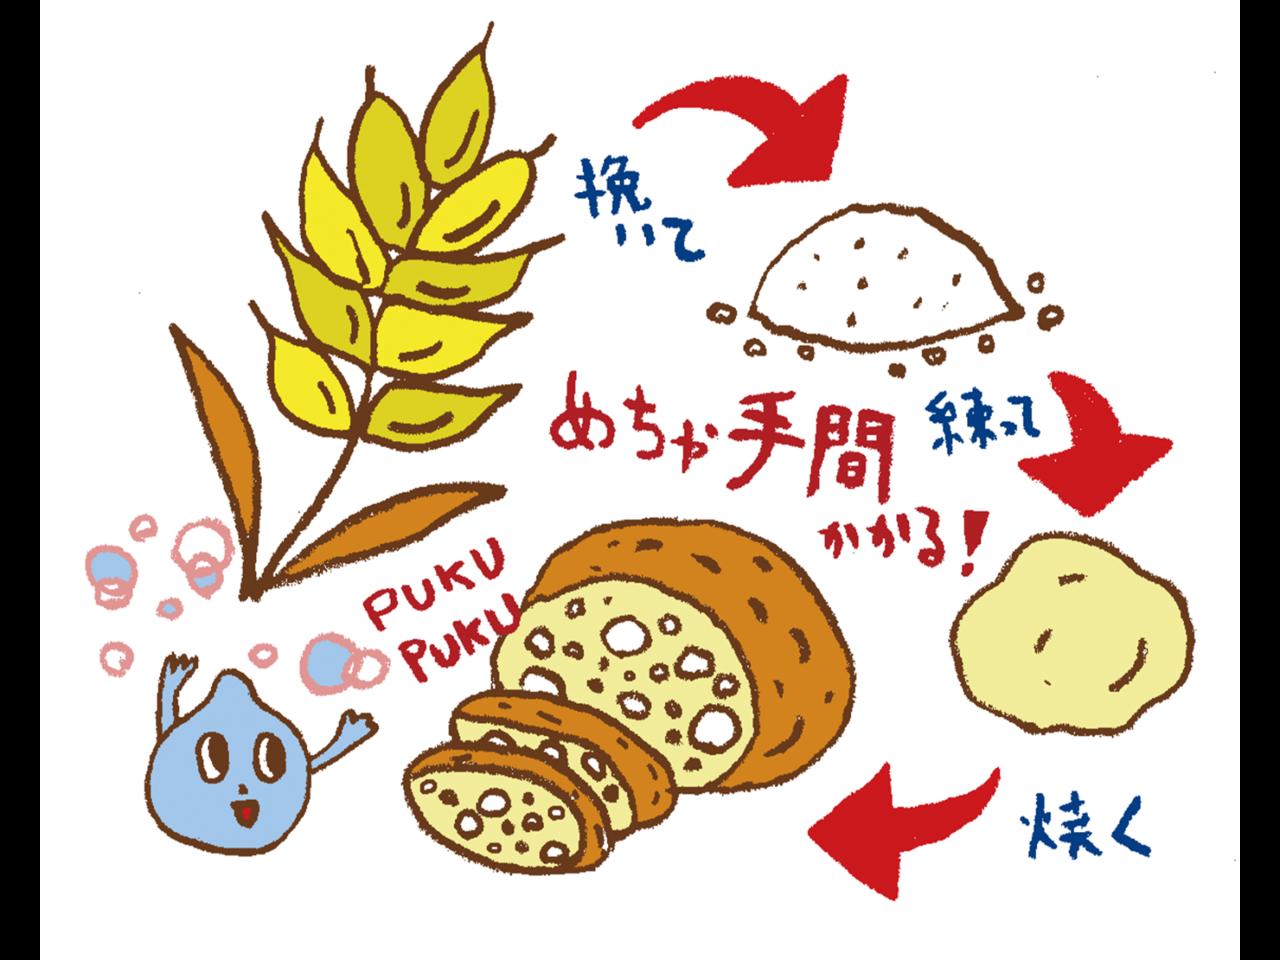 パンの歴史に見る、主食パラダイムの相違